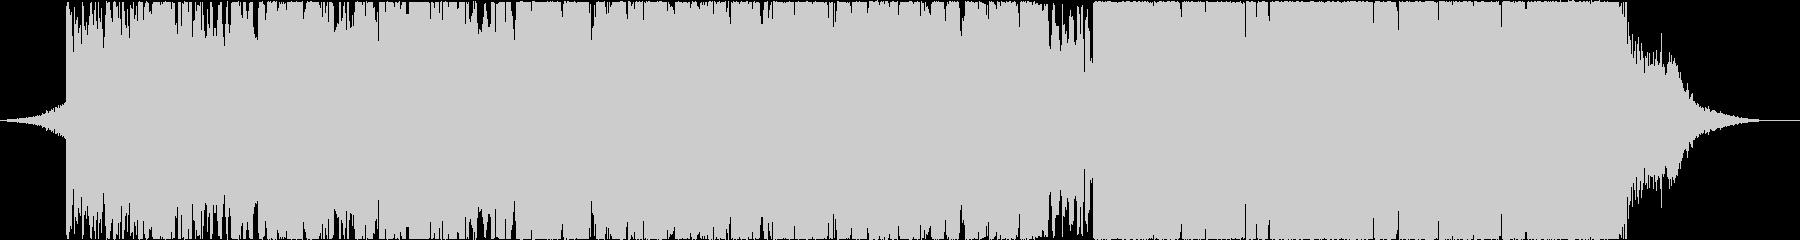 シネマVlogに使えるアンビエントEDMの未再生の波形